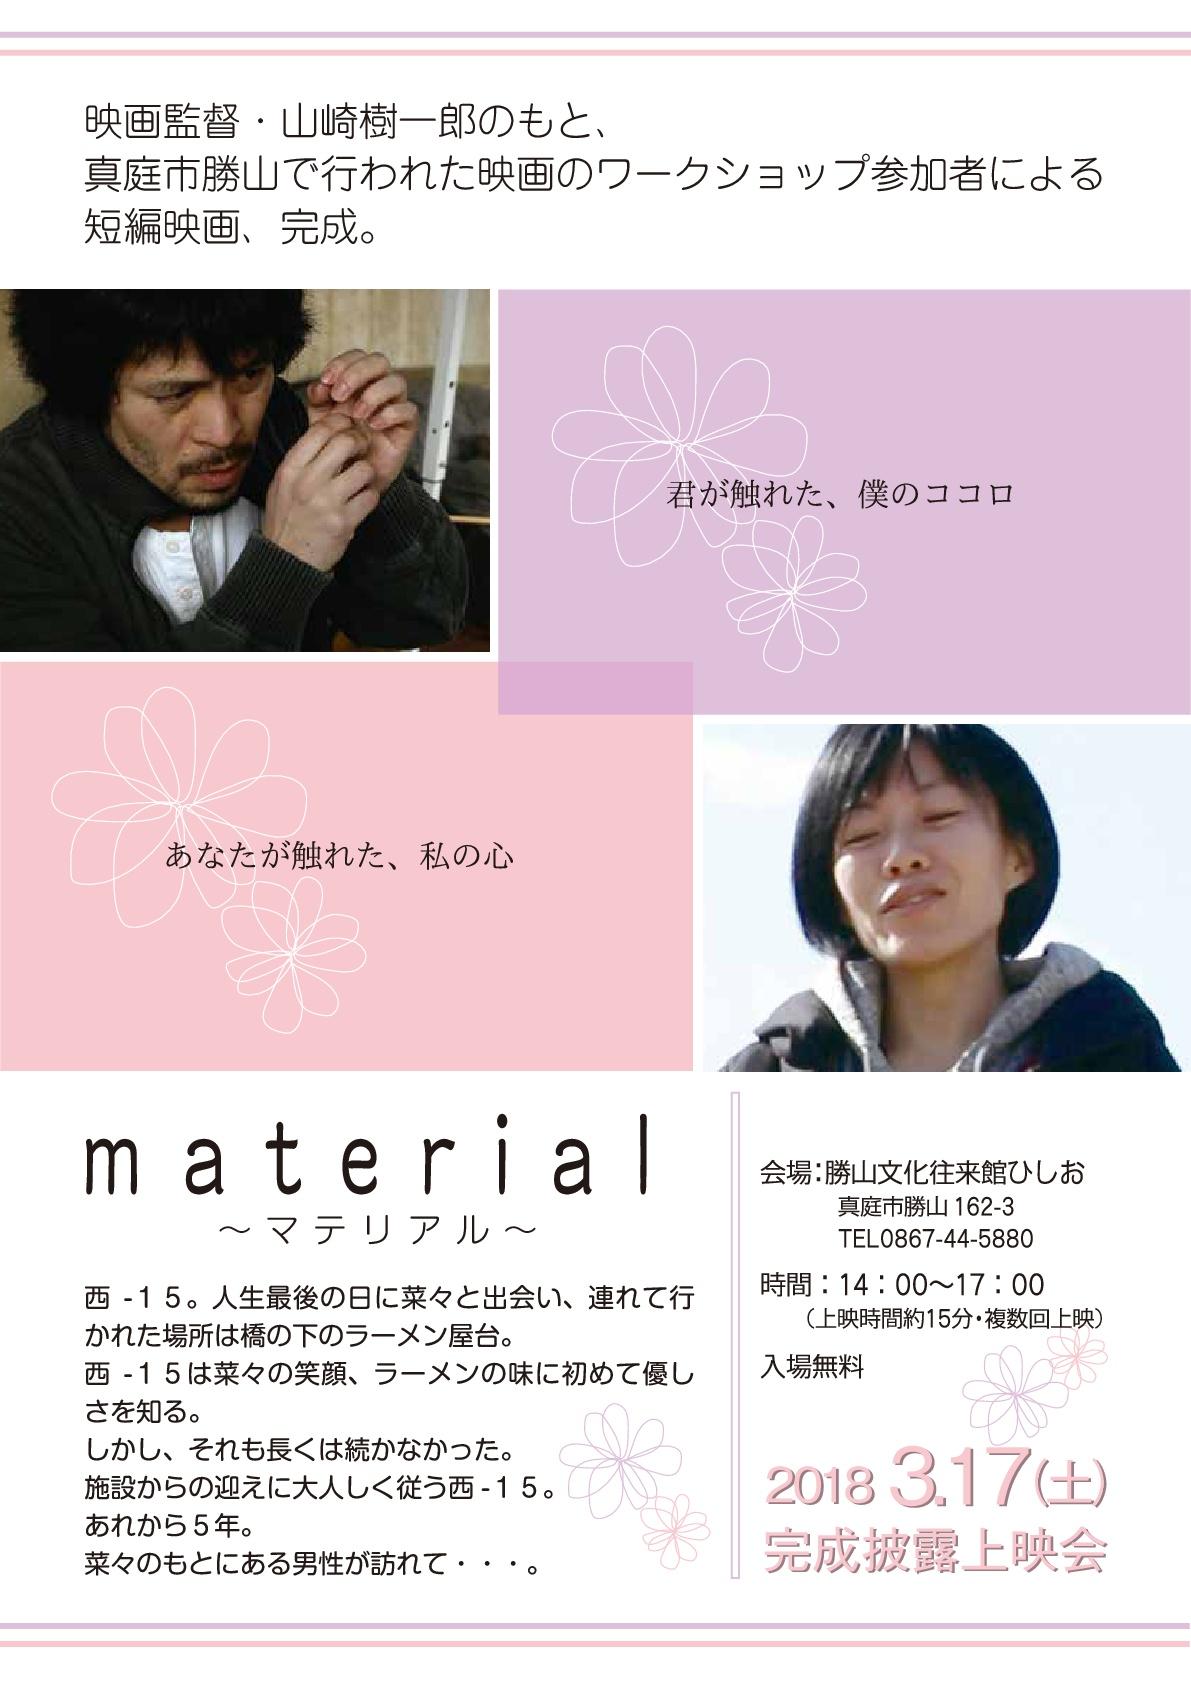 material-001.jpg